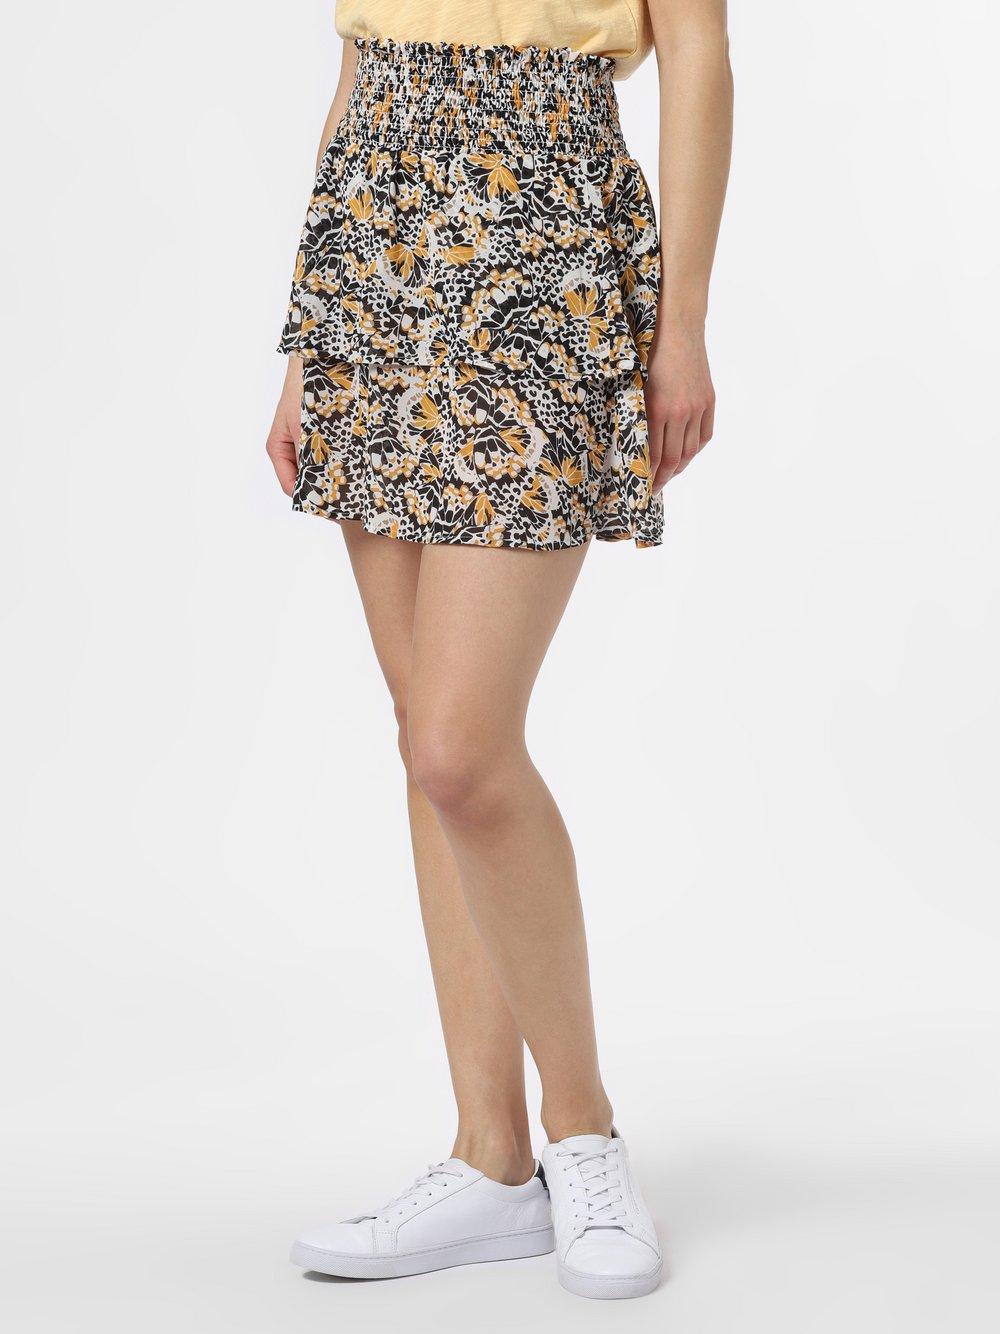 Minimum – Spódnica damska – Antoinette, żółty Van Graaf 464885-0001-00380